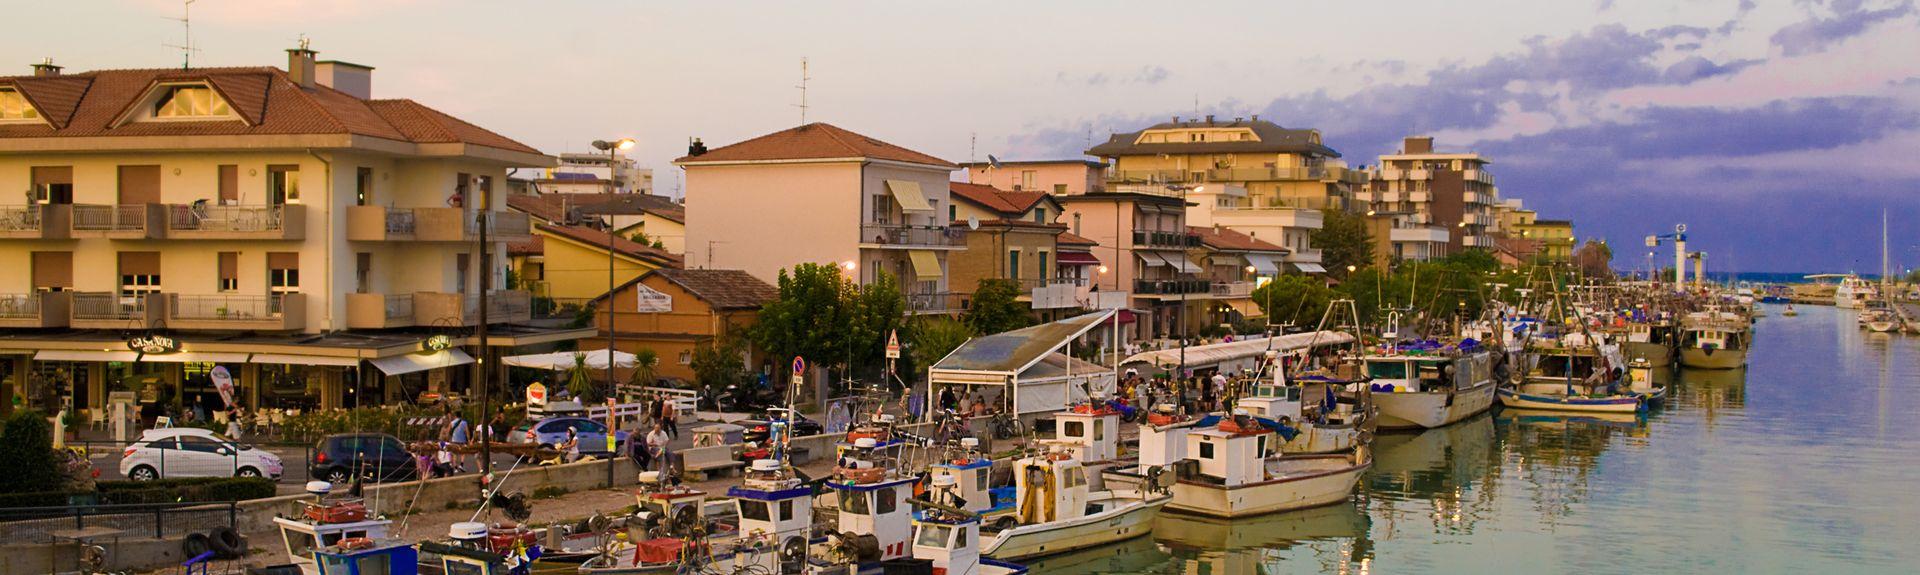 Rimini, Rimini, Emilia-Romania, Włochy